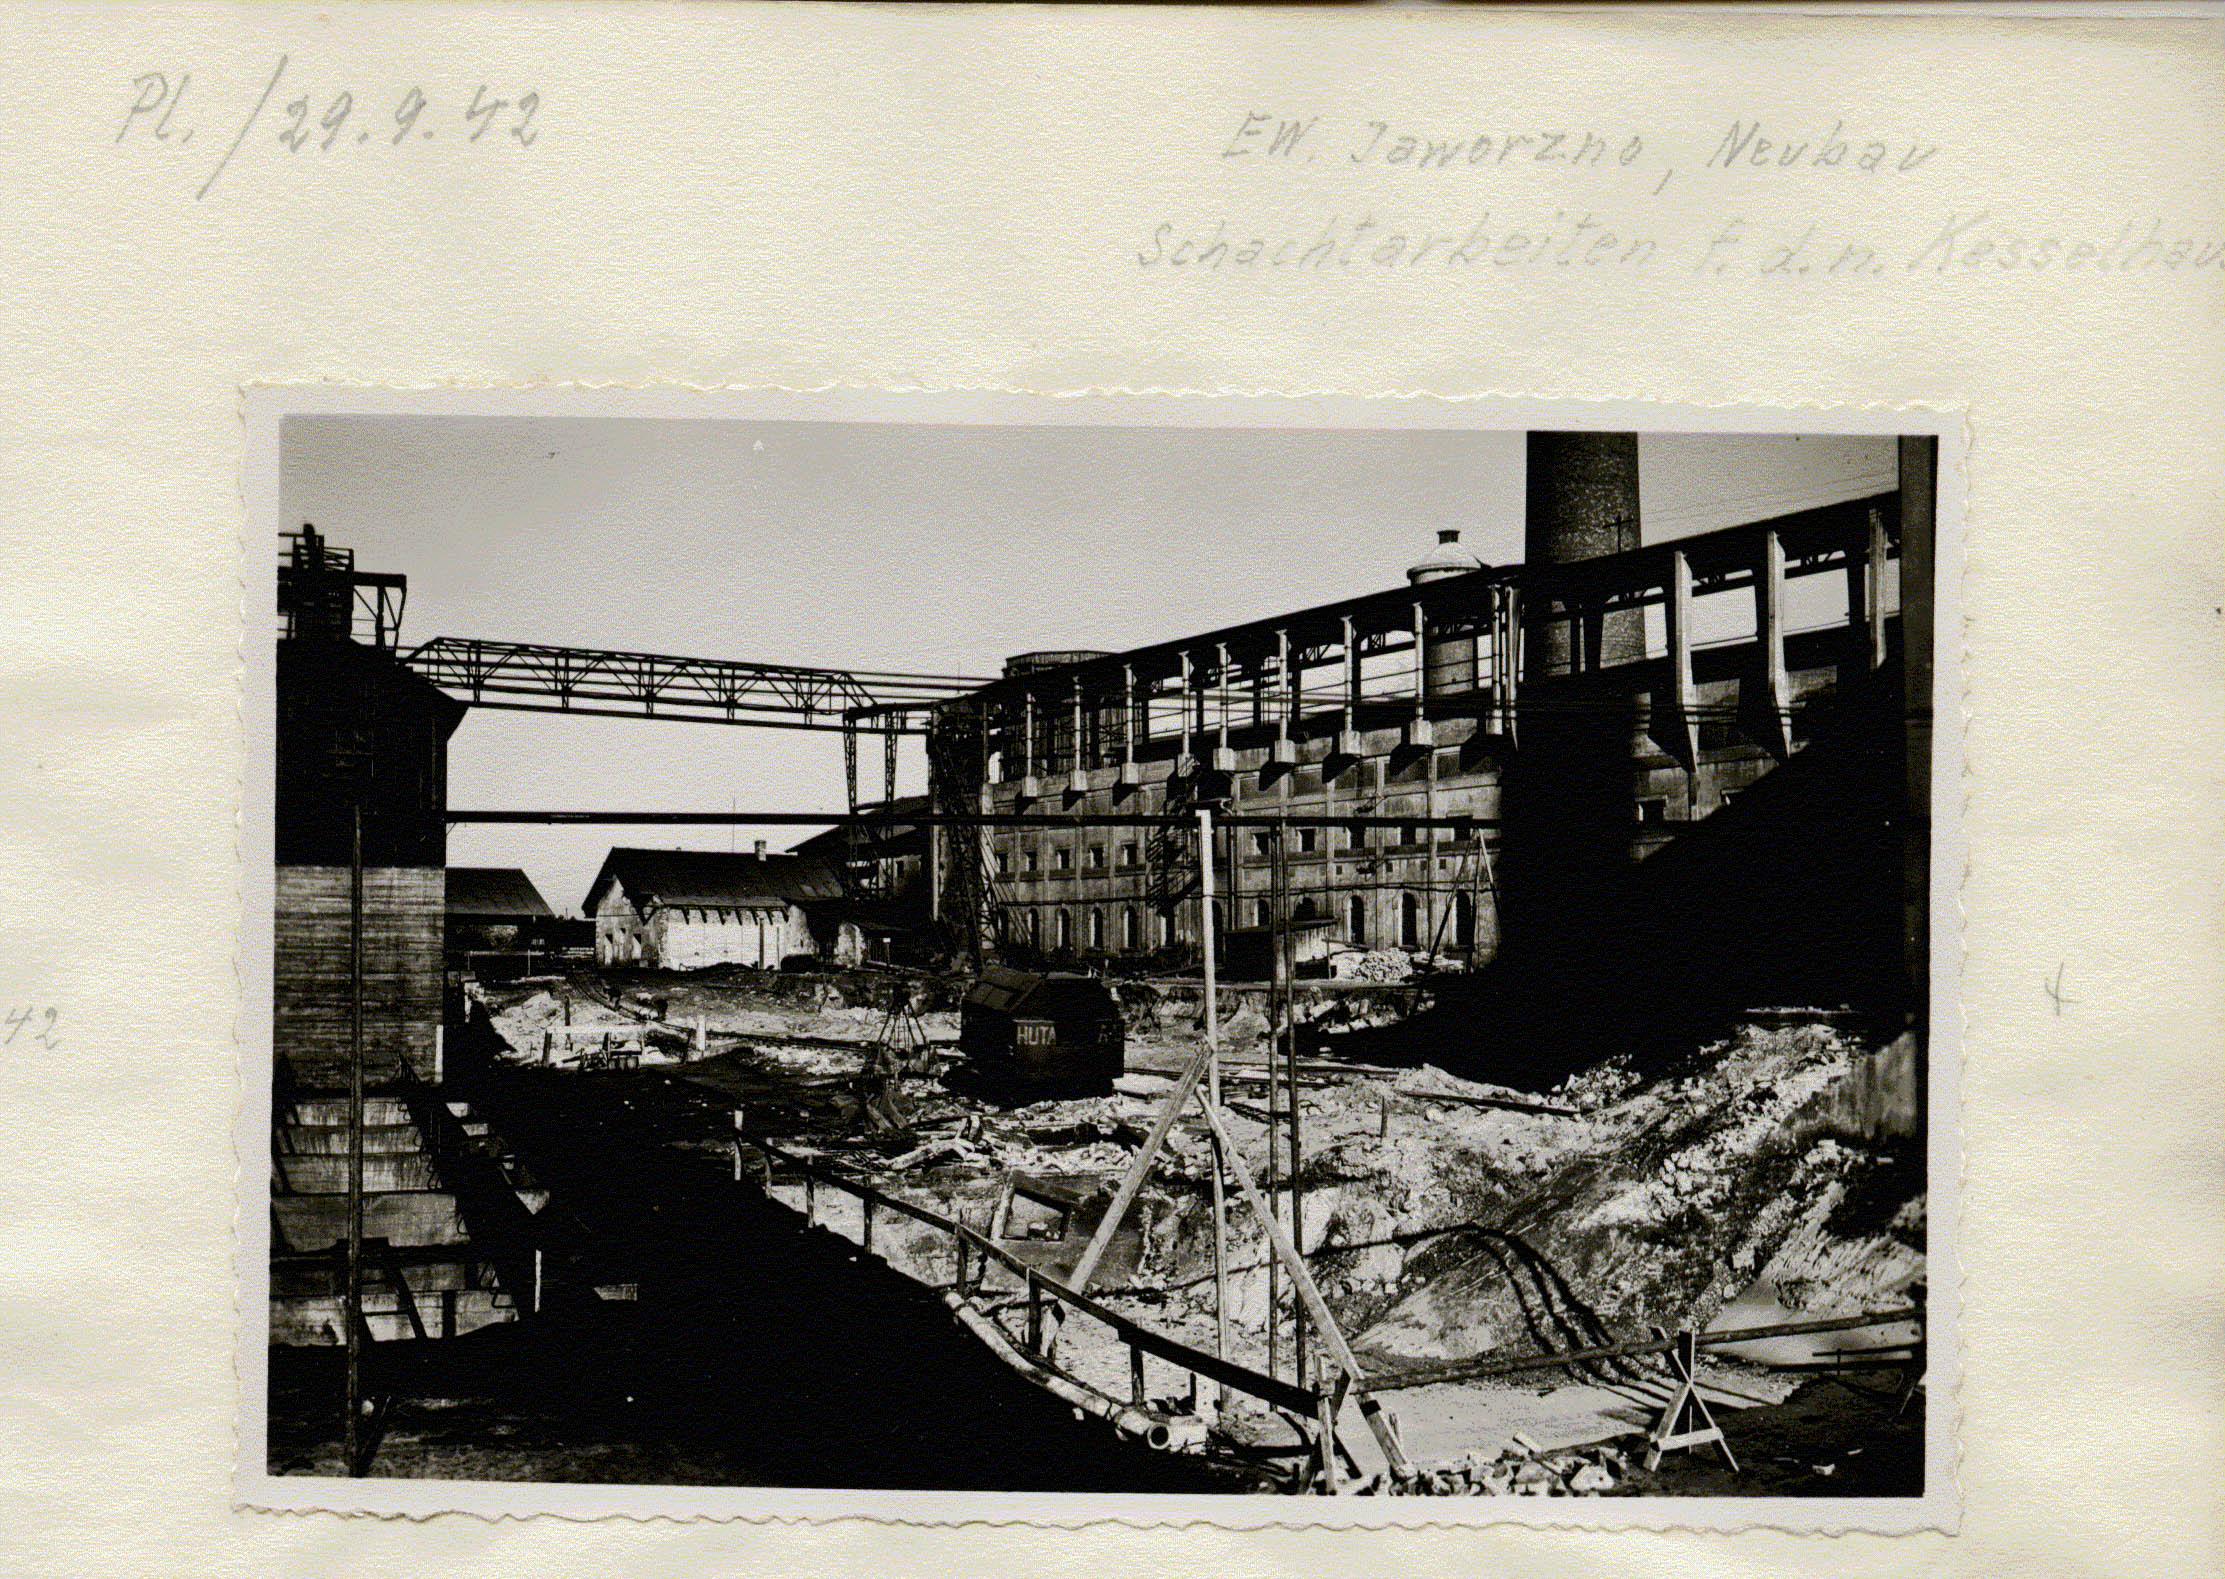 Kraftwerk Friedrich-August 7. 1942 Muzeum w Jaworznie